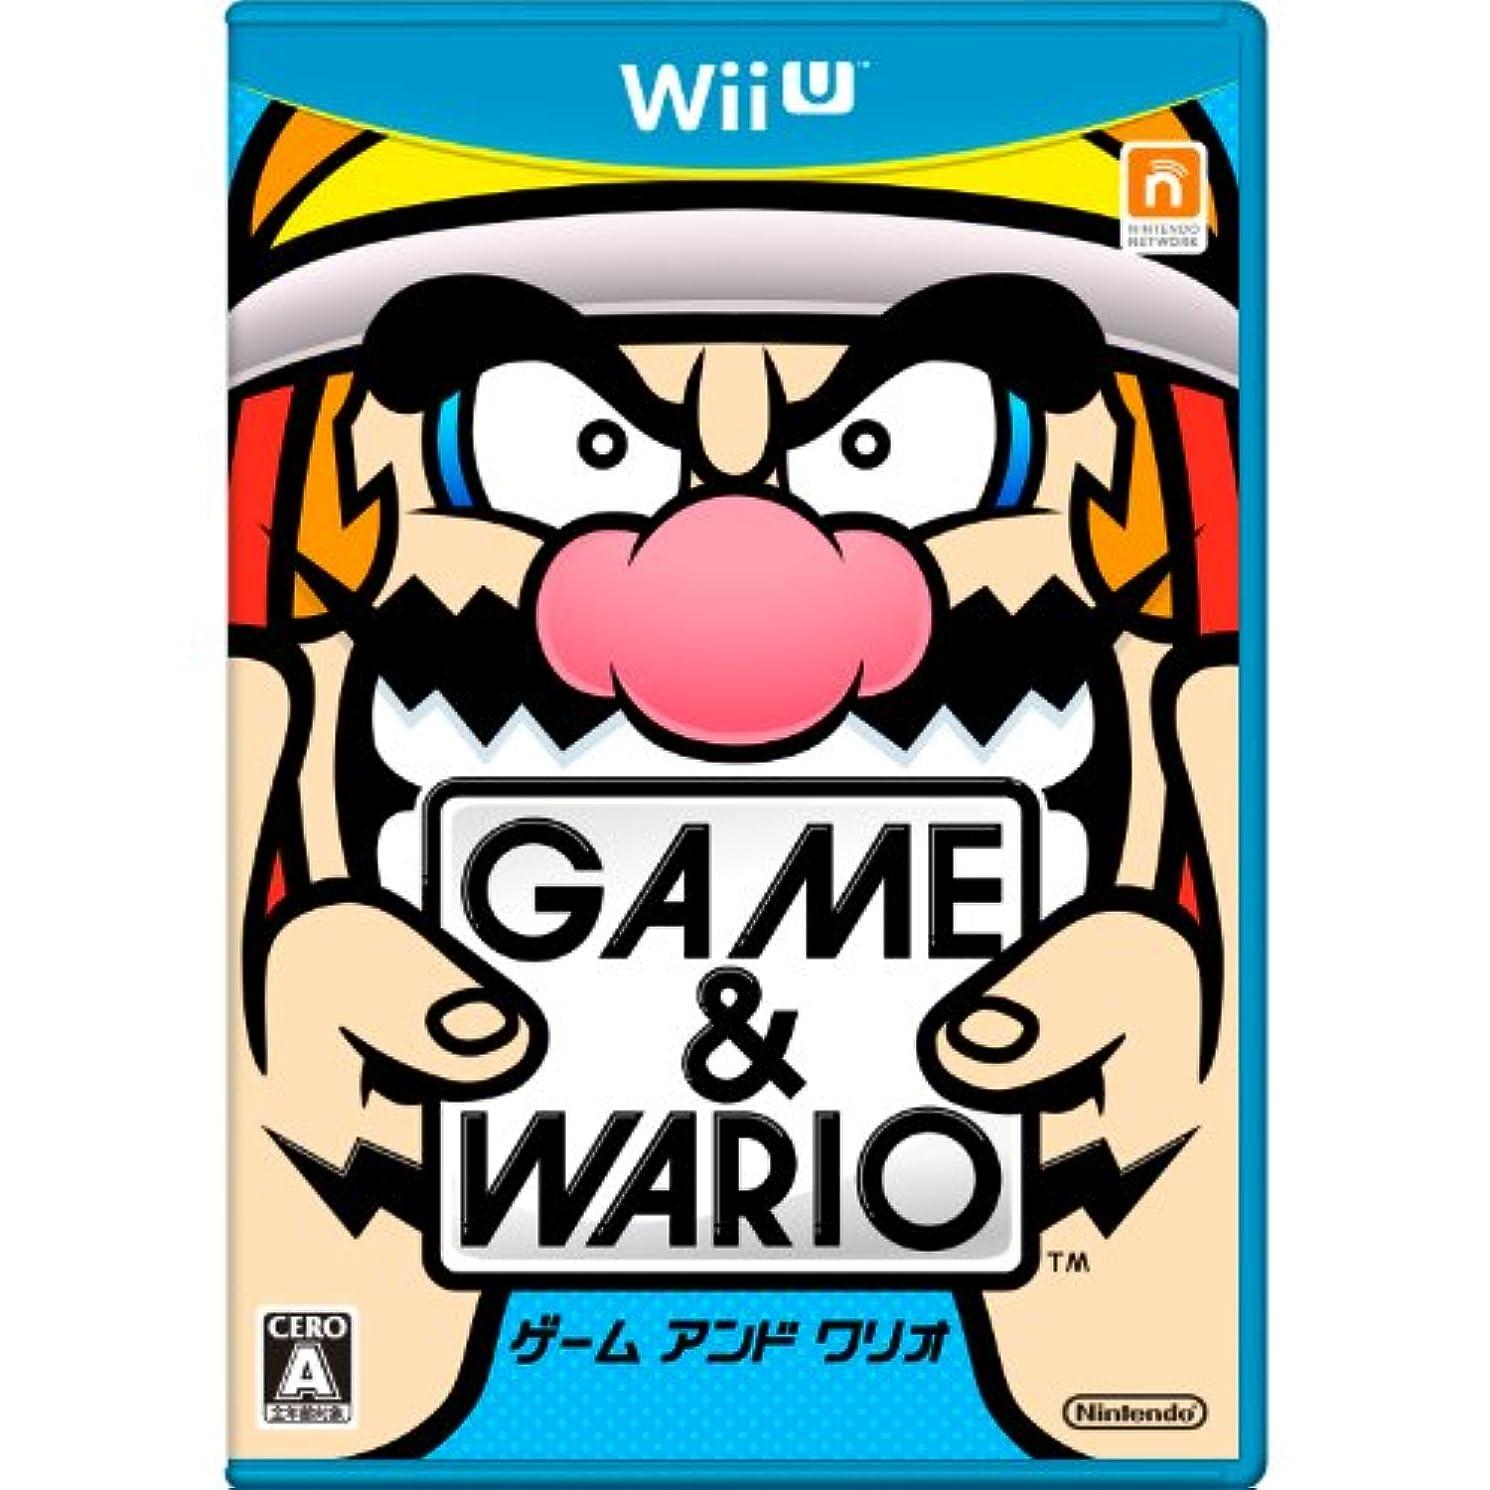 故意のはねかけるスピーチゲーム&ワリオ - Wii U